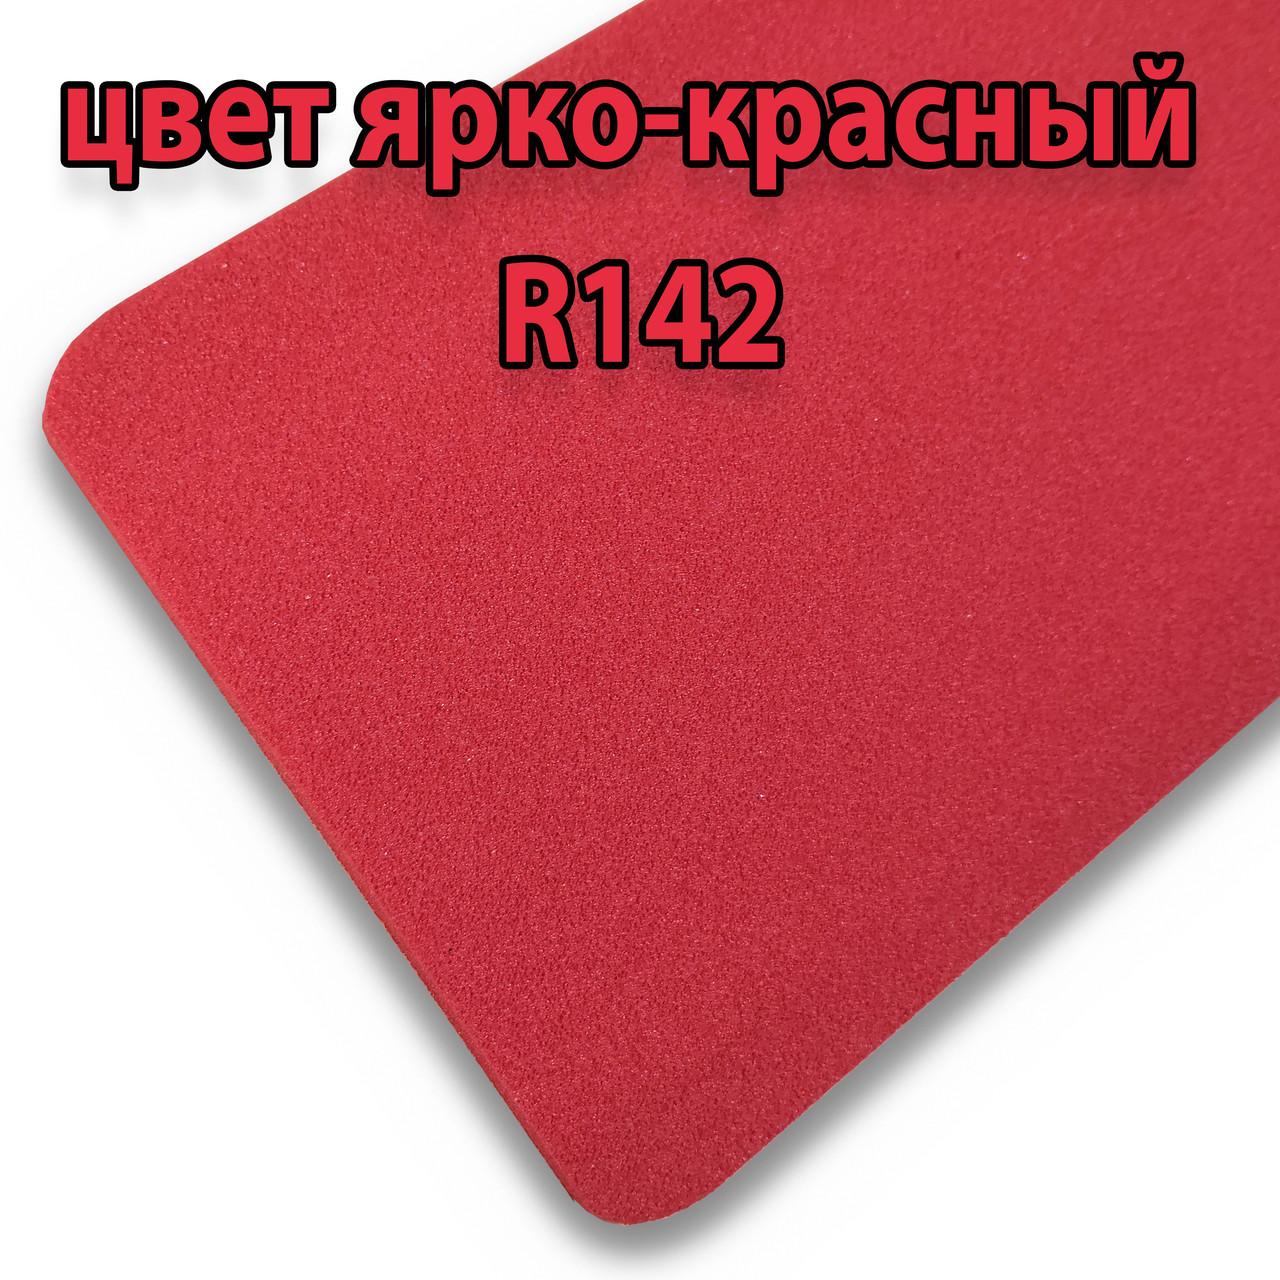 Изолон цветной, 2 мм ярко-красный